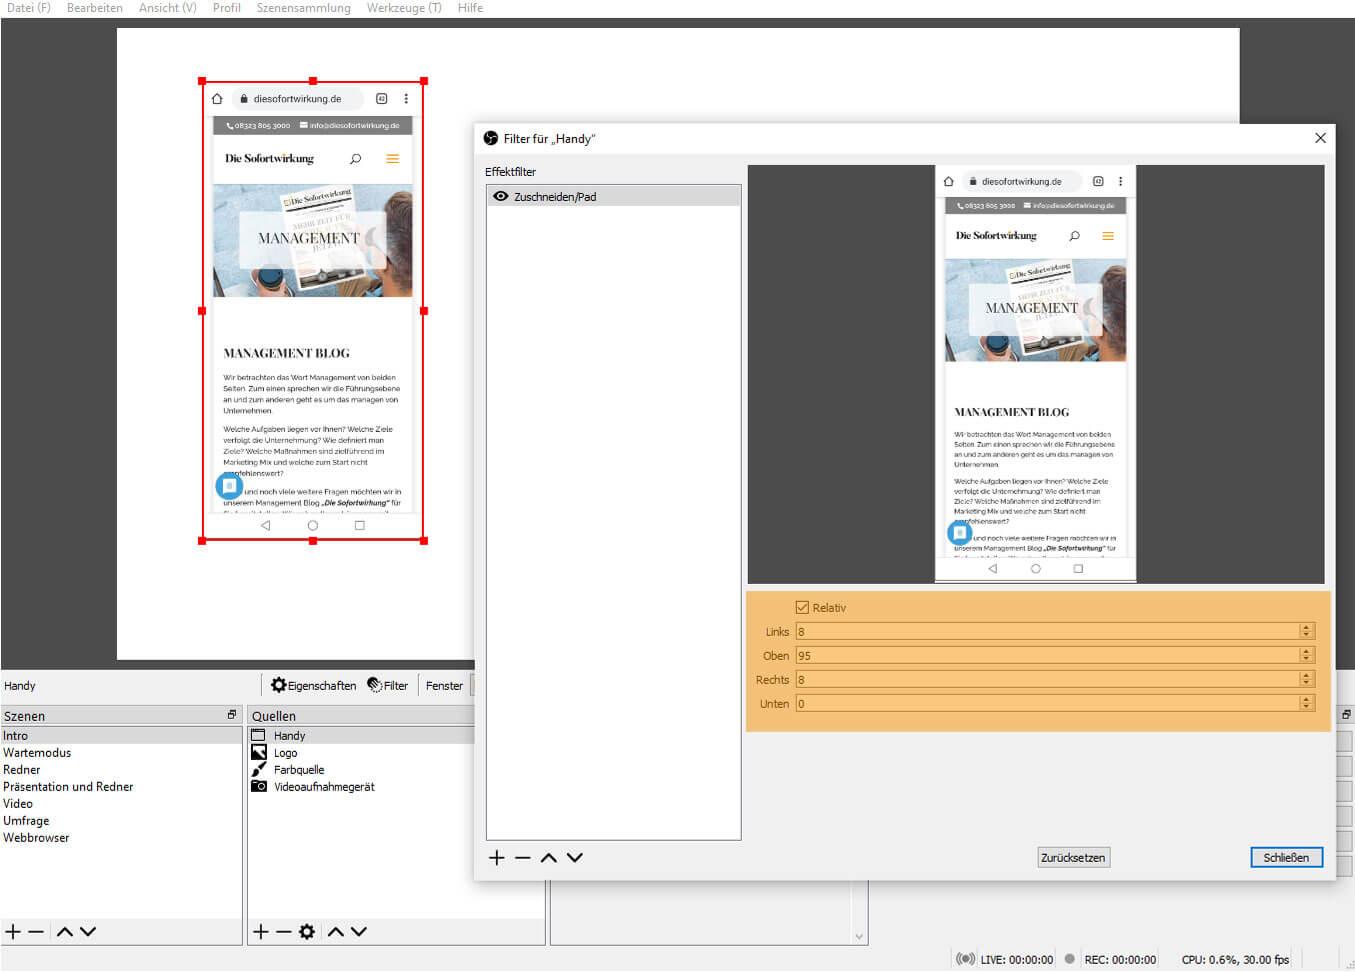 OBS Studio 26.1.1 – Filter Zuschneiden/Pad vorher